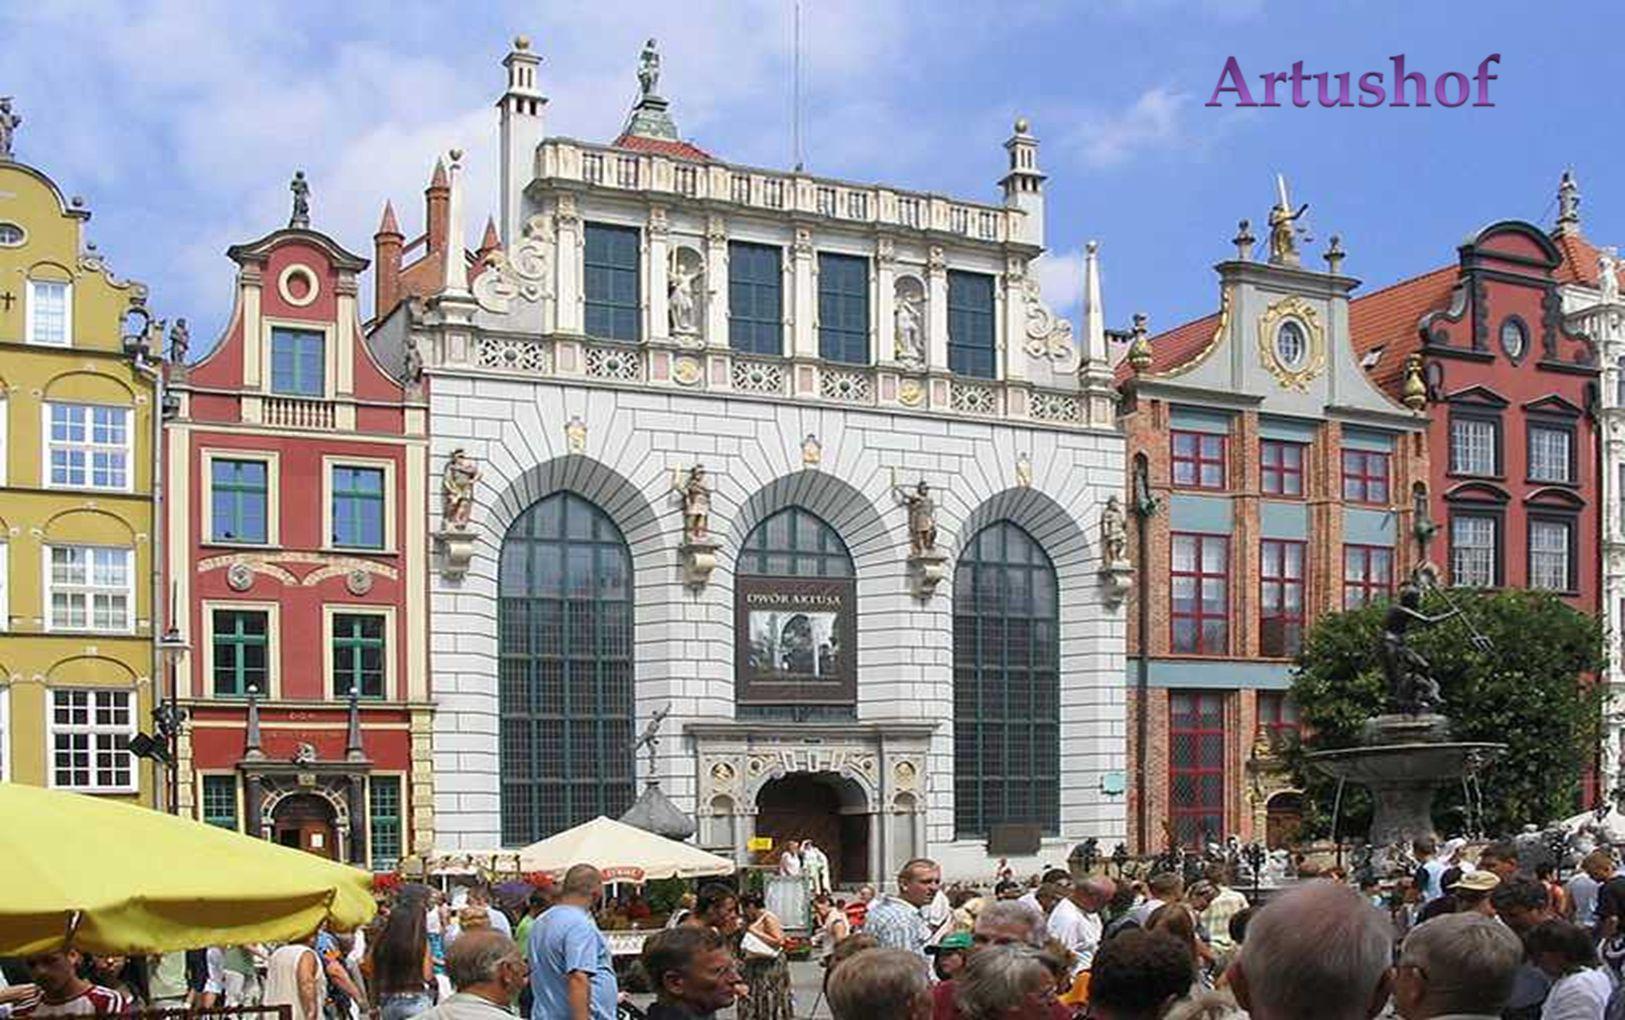 Das Gebäude diente als Treffpunkt reicher Kaufleute und Adliger, die sich in sieben örtlichen Brüderschaften zusammenschlossen.